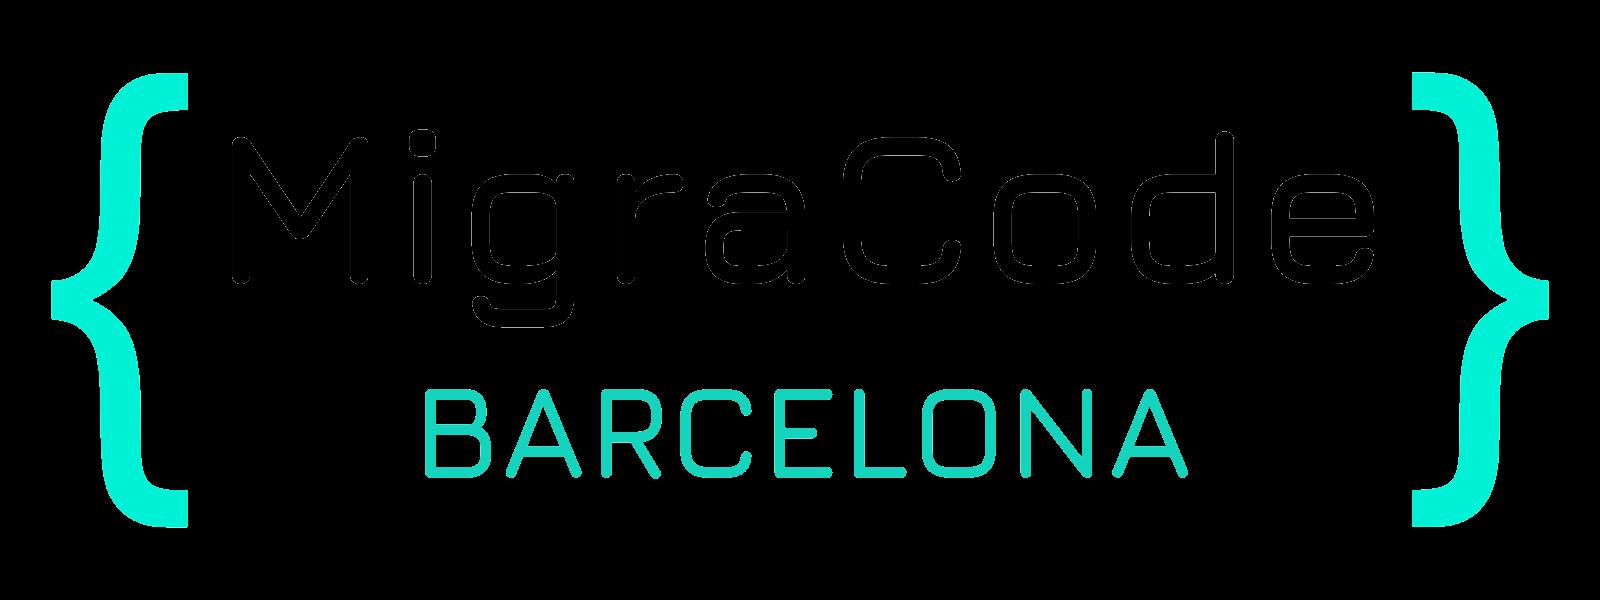 MigraCode Barcelona